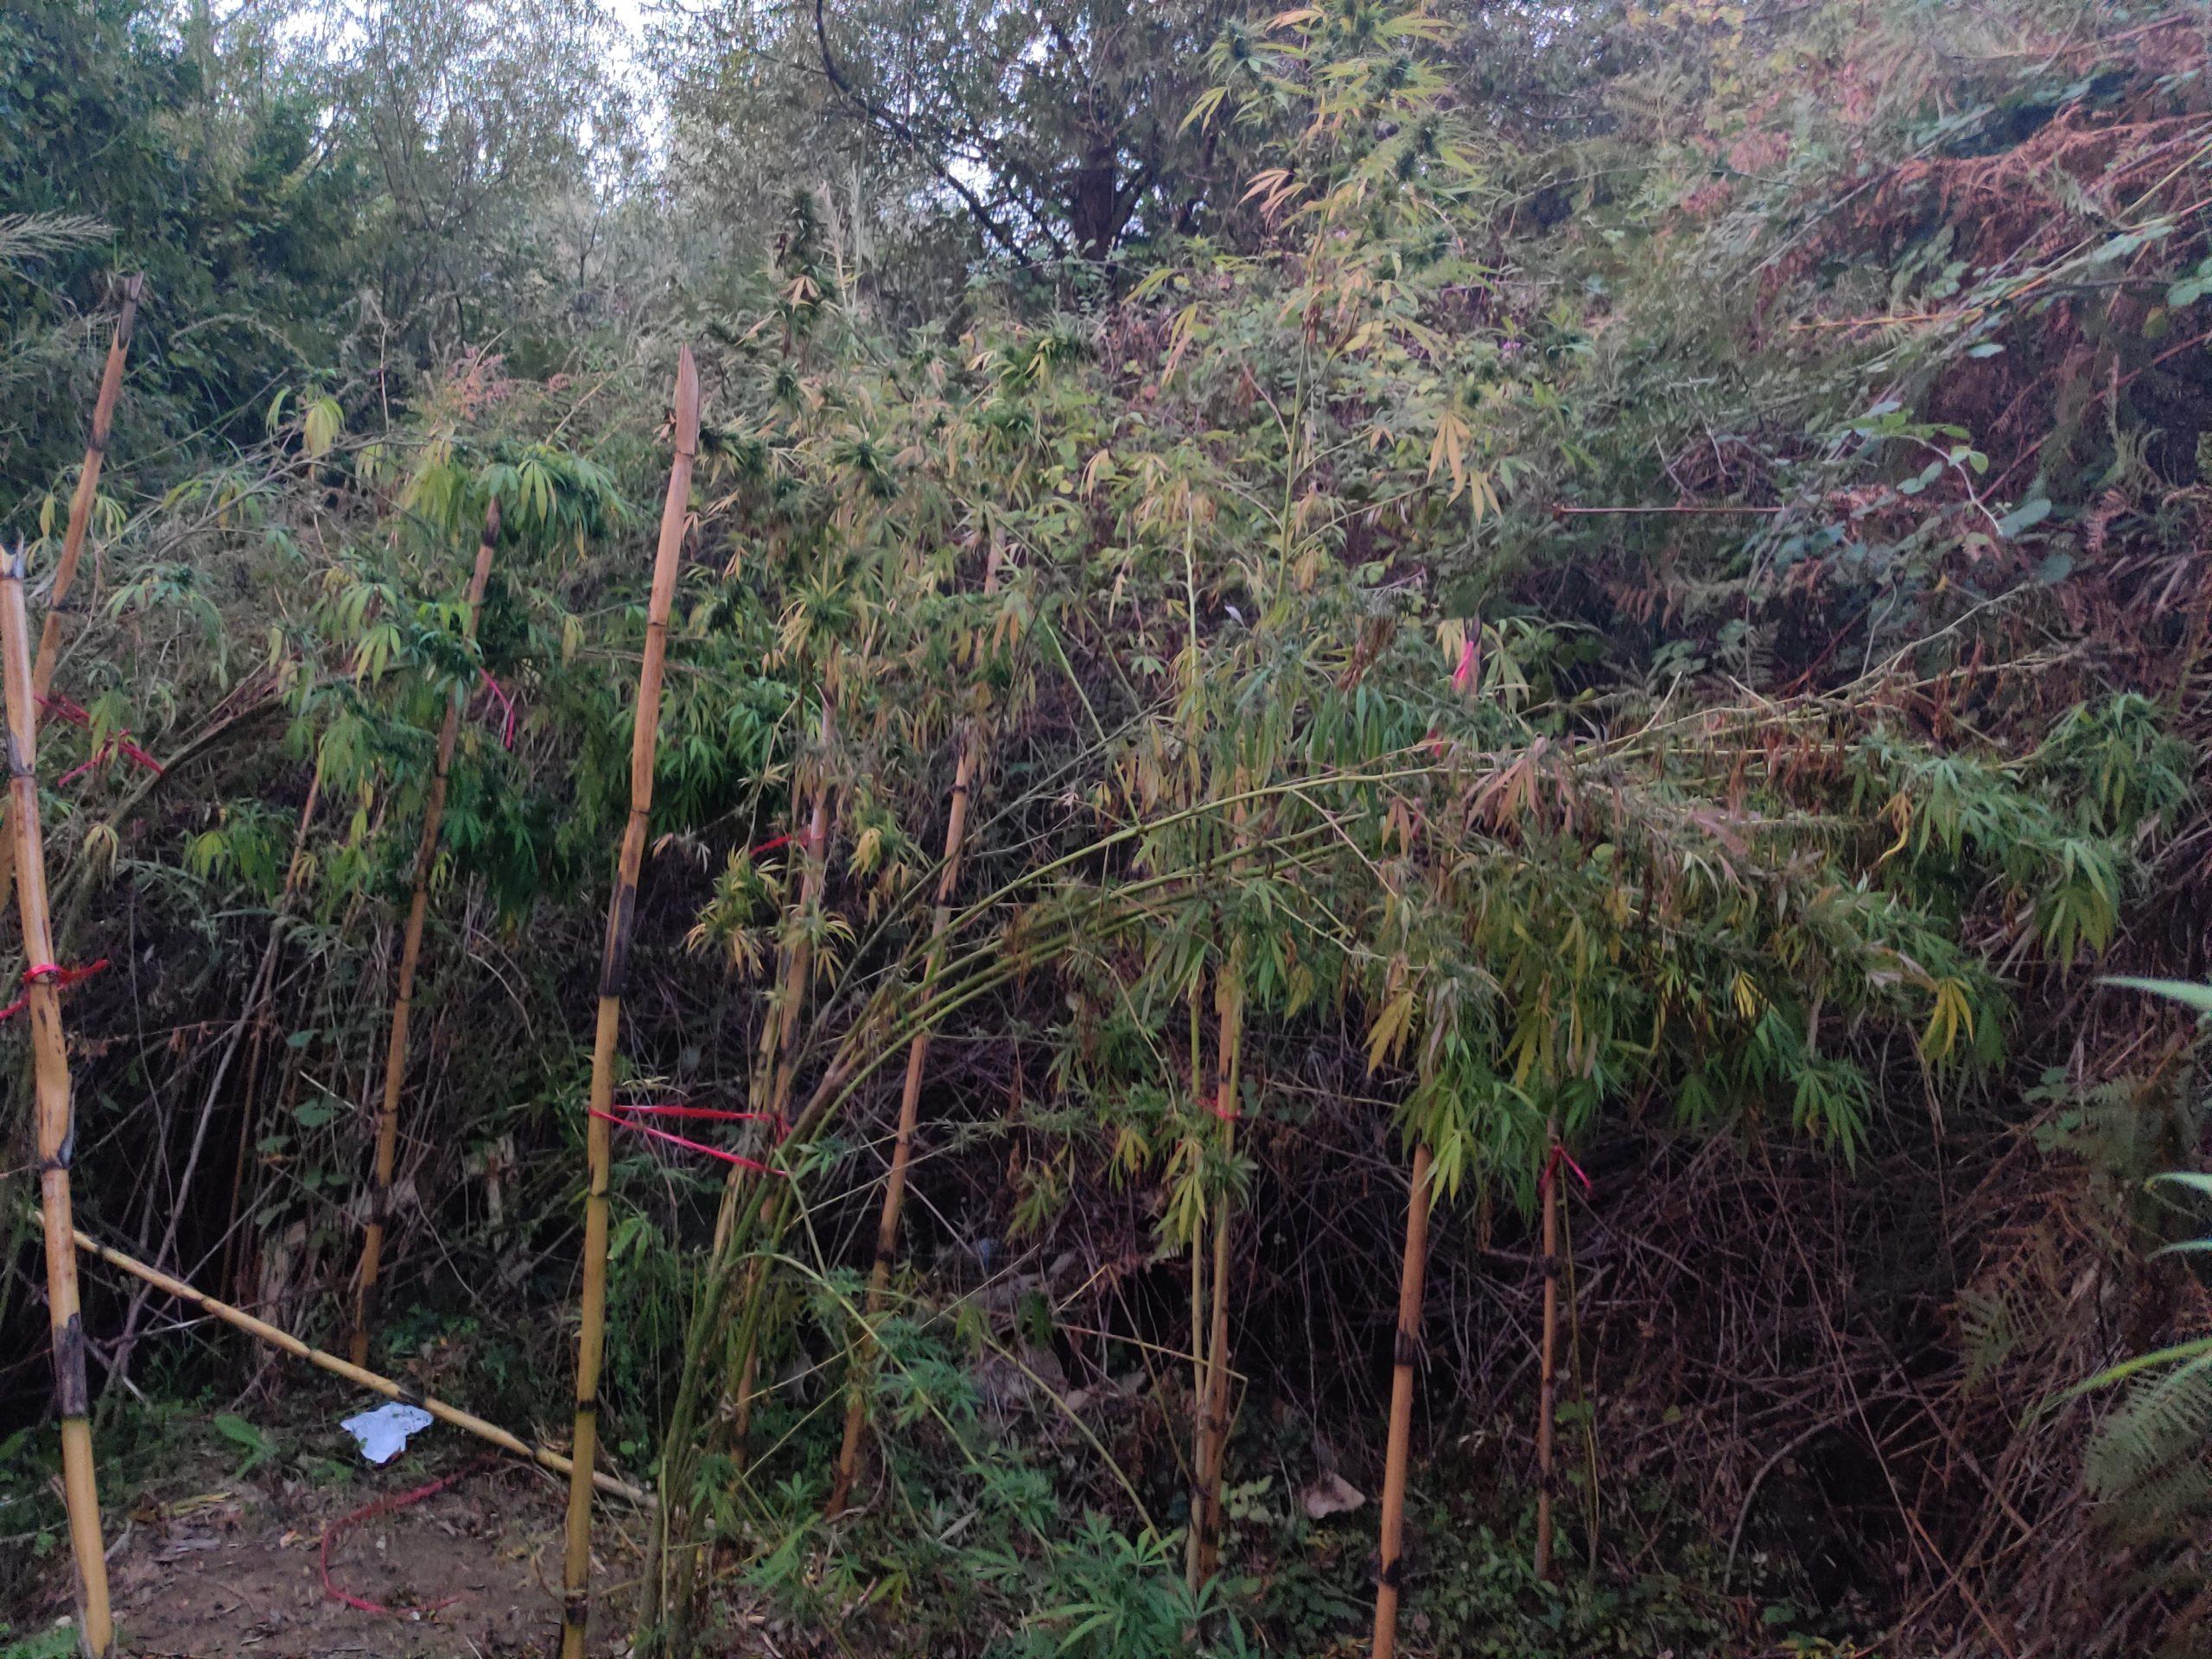 Πύργος: Σύλληψη άνδρα σε χωριό της περιοχής- Καλλιεργούσε 53 δενδρύλλια κάνναβης - Κατασχέθηκαν και 1.200 γραμμάρια κάνναβης (photos)